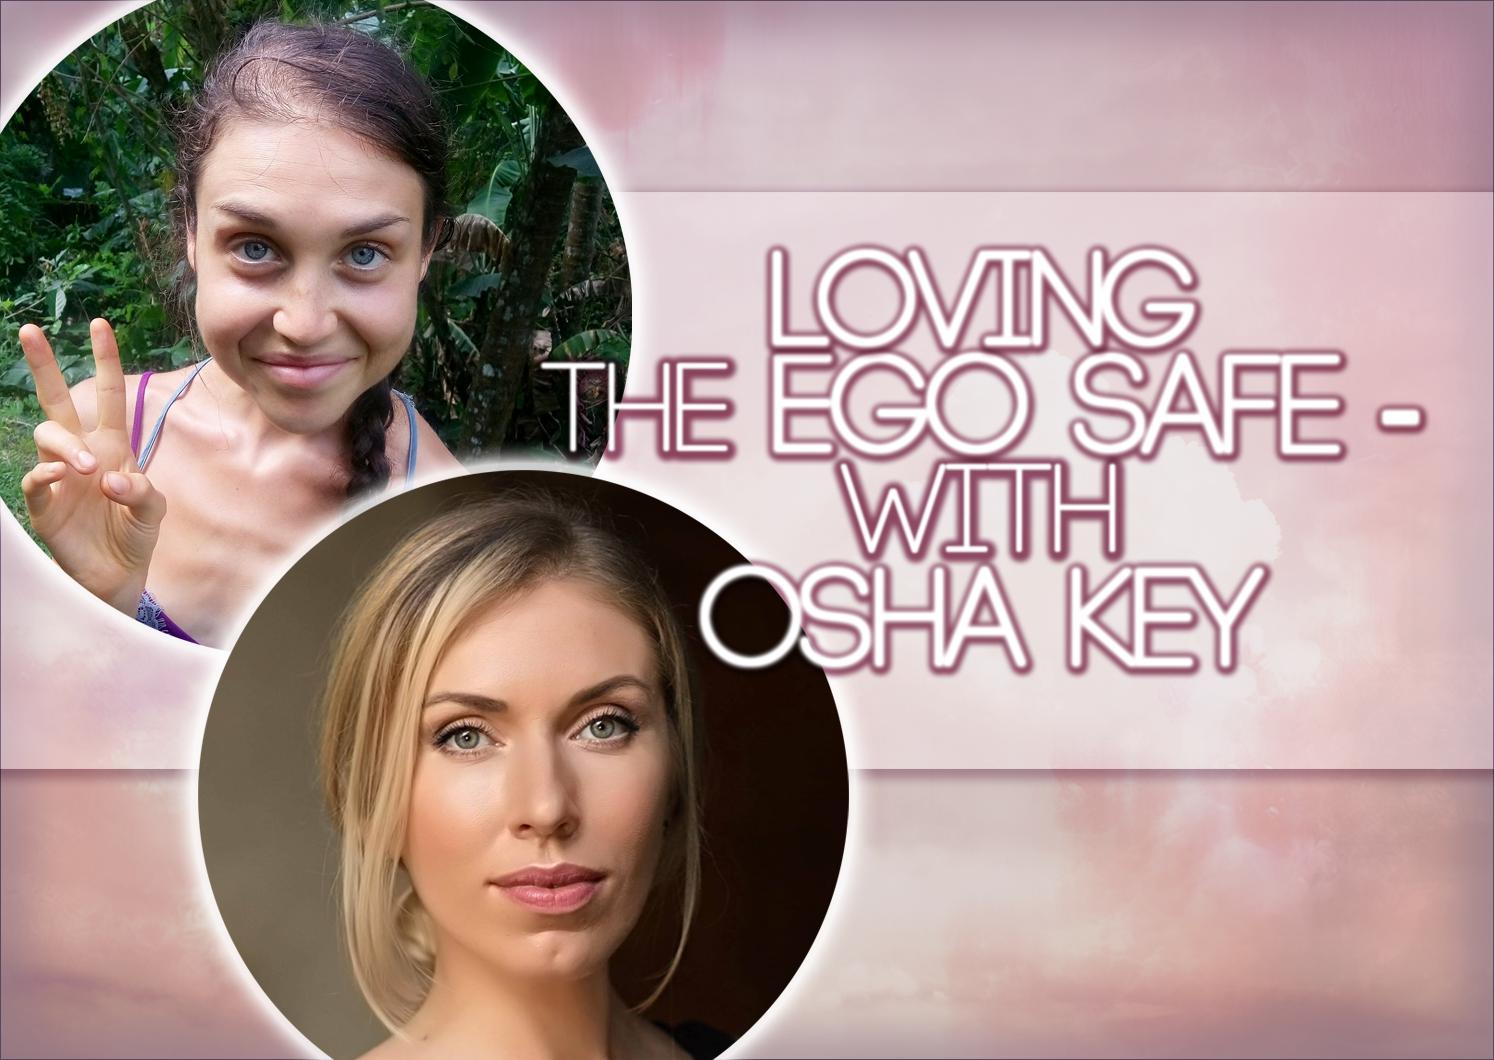 Loving The Ego Safe – With Osha Key: